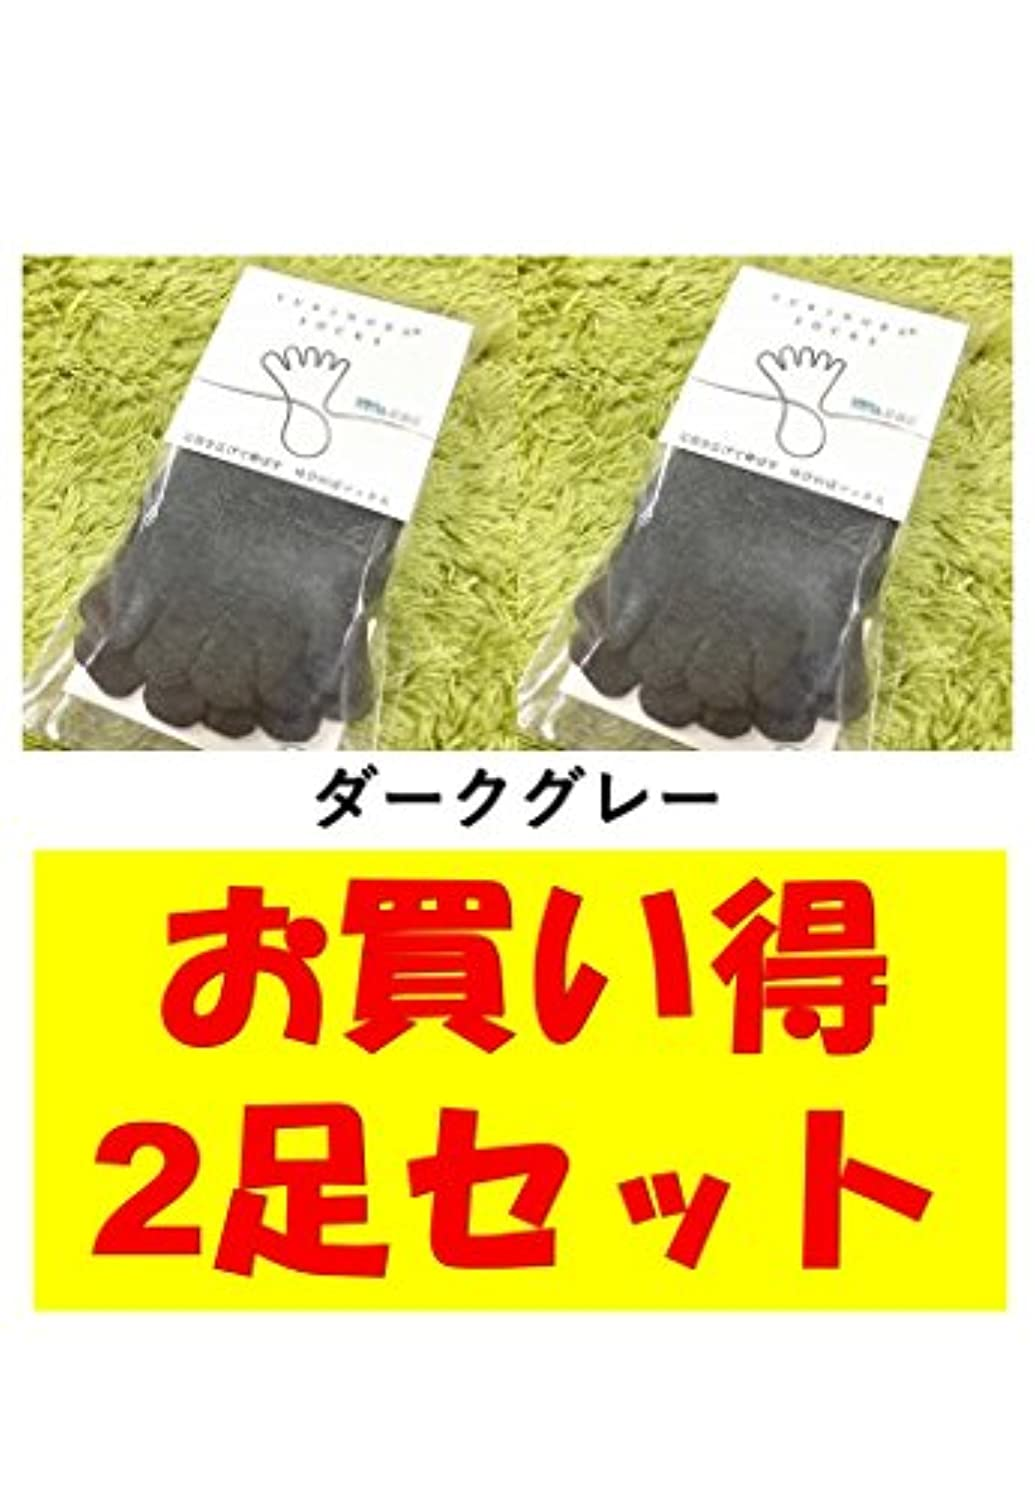 お買い得2足セット 5本指 ゆびのばソックス ゆびのばレギュラー ダークグレー 女性用 22.0cm-25.5cm HSREGR-DGL